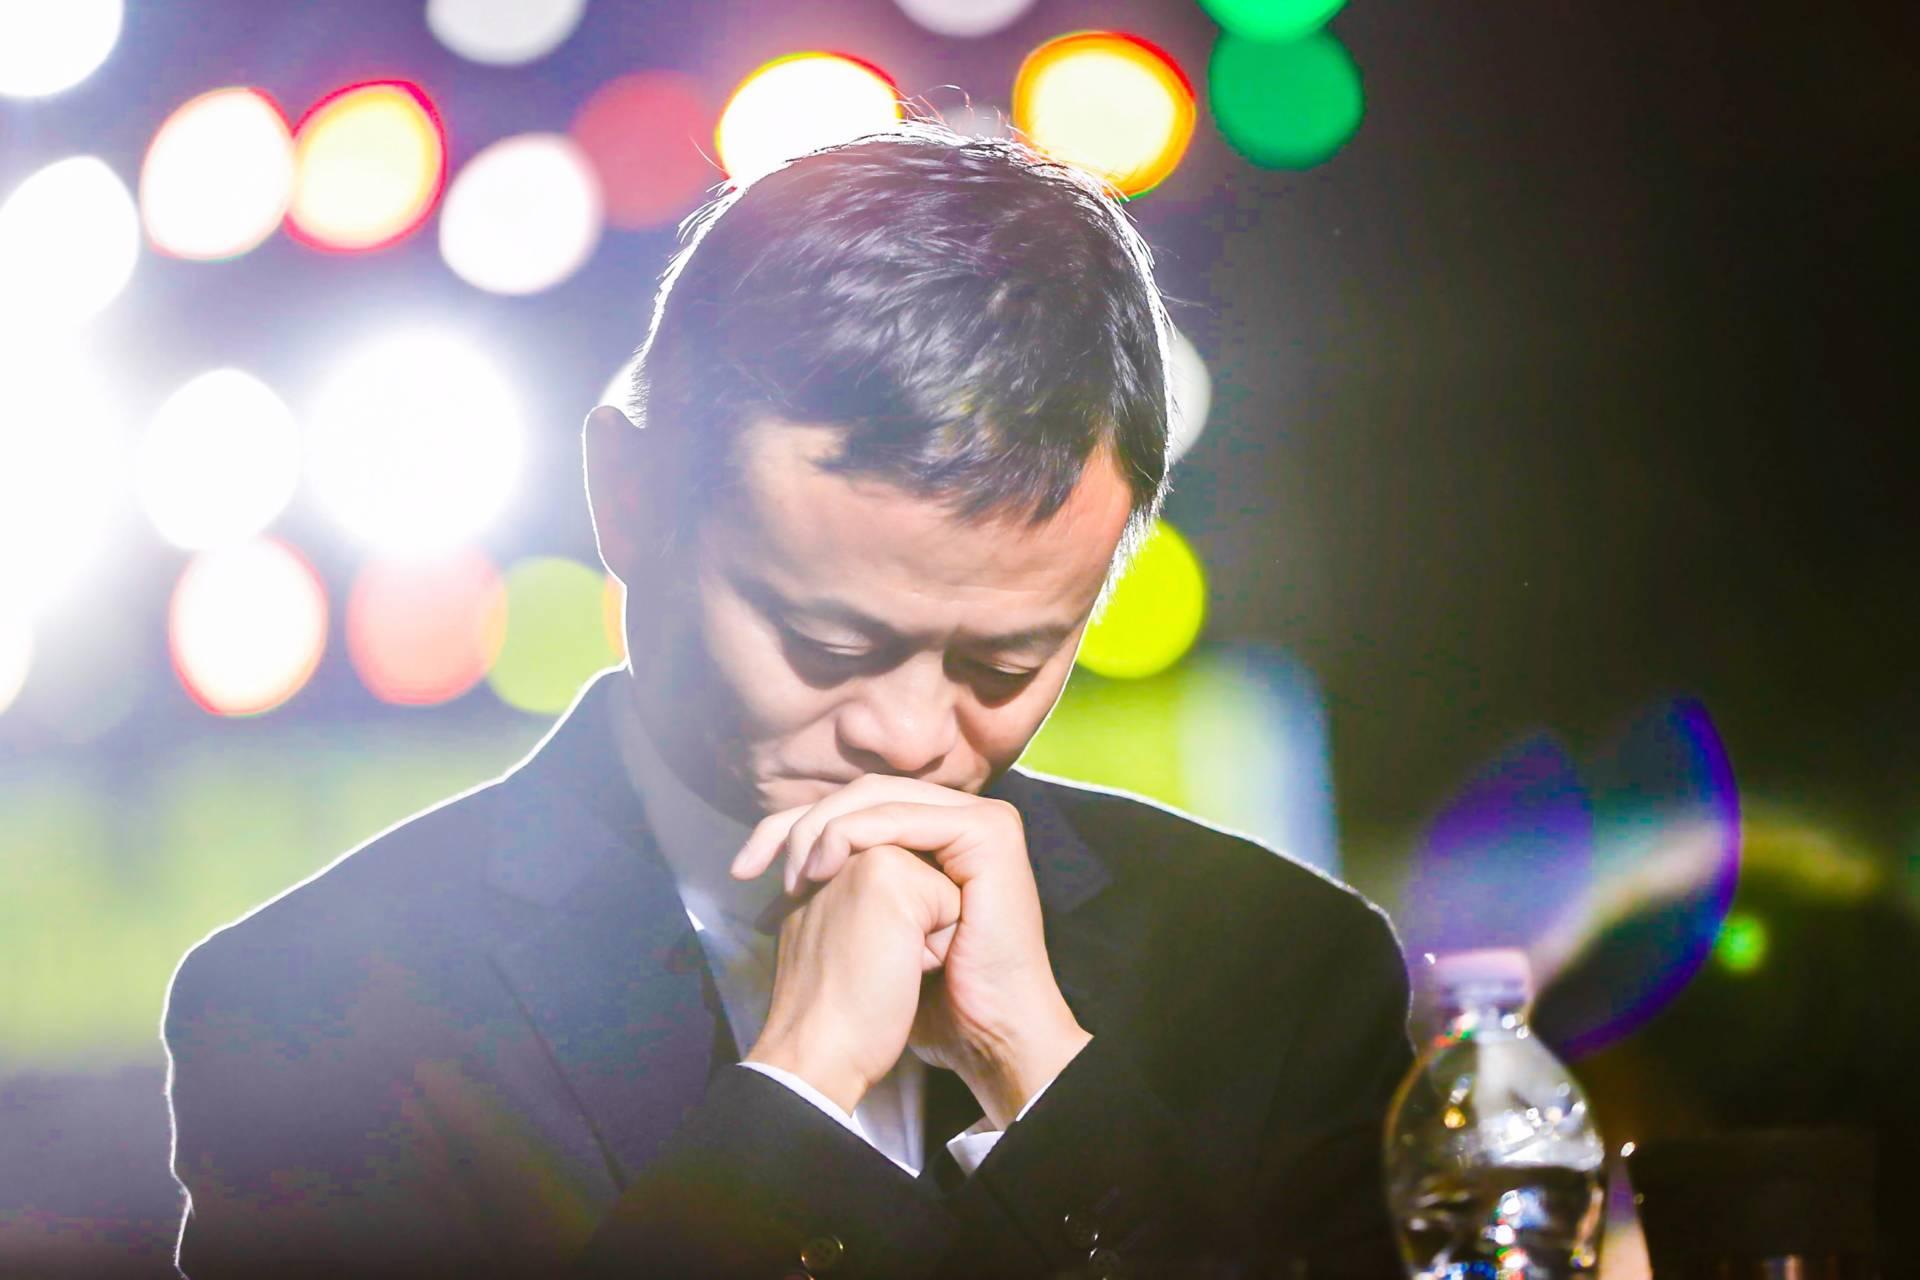 Perché Jack Ma è scomparso, le novità sull'imprenditore cinese